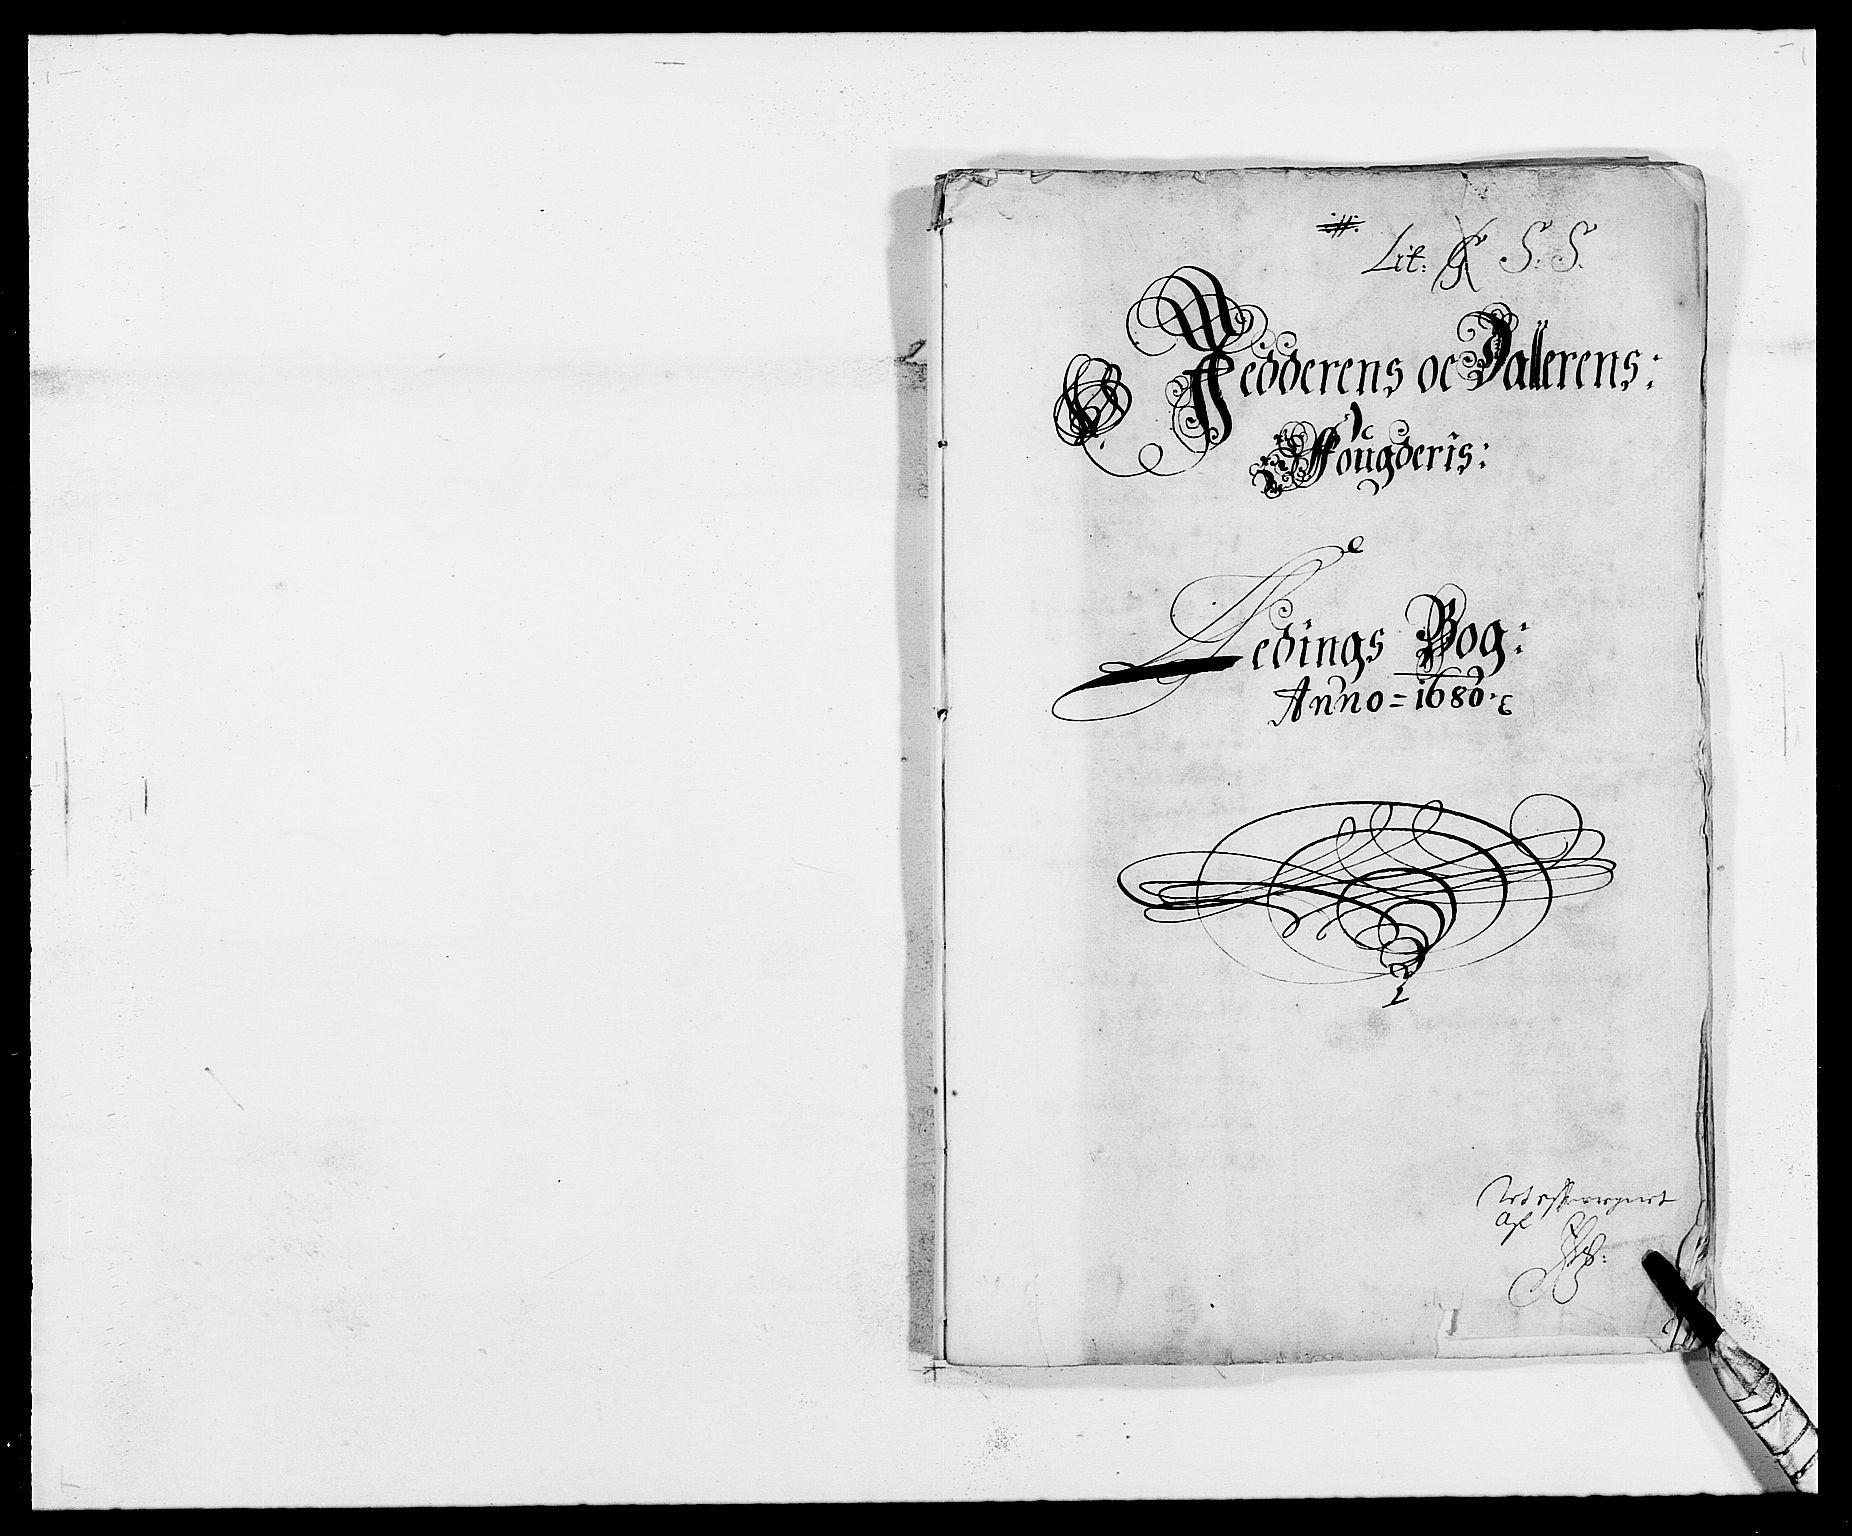 RA, Rentekammeret inntil 1814, Reviderte regnskaper, Fogderegnskap, R46/L2721: Fogderegnskap Jæren og Dalane, 1680, s. 202